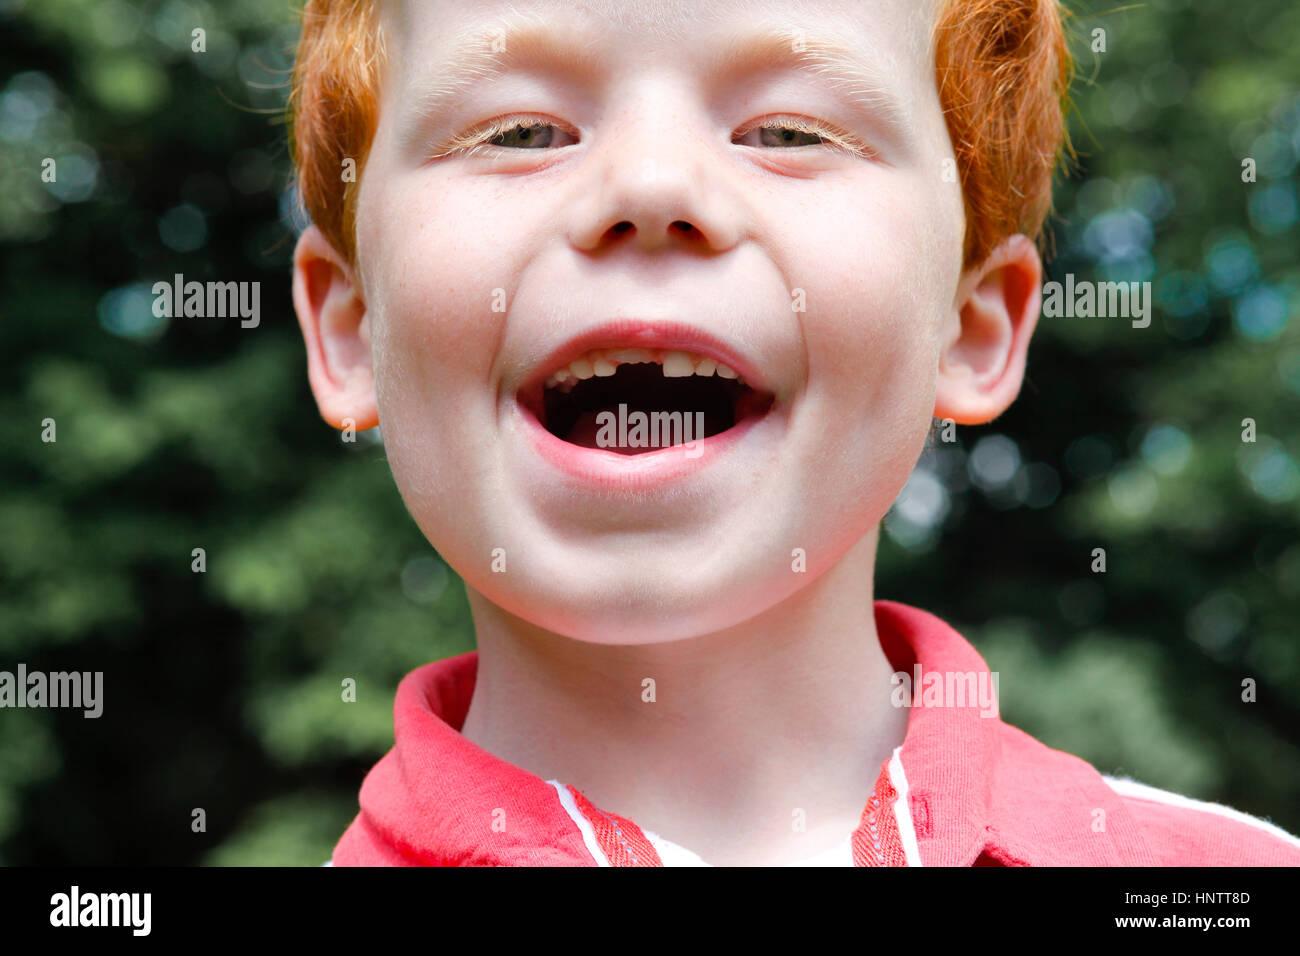 Ein sechs yeal Alter junge lächelt zeigt seine fehlenden Kind Zahn und seinen Erwachsenen Zahn durch, im Garten Stockbild